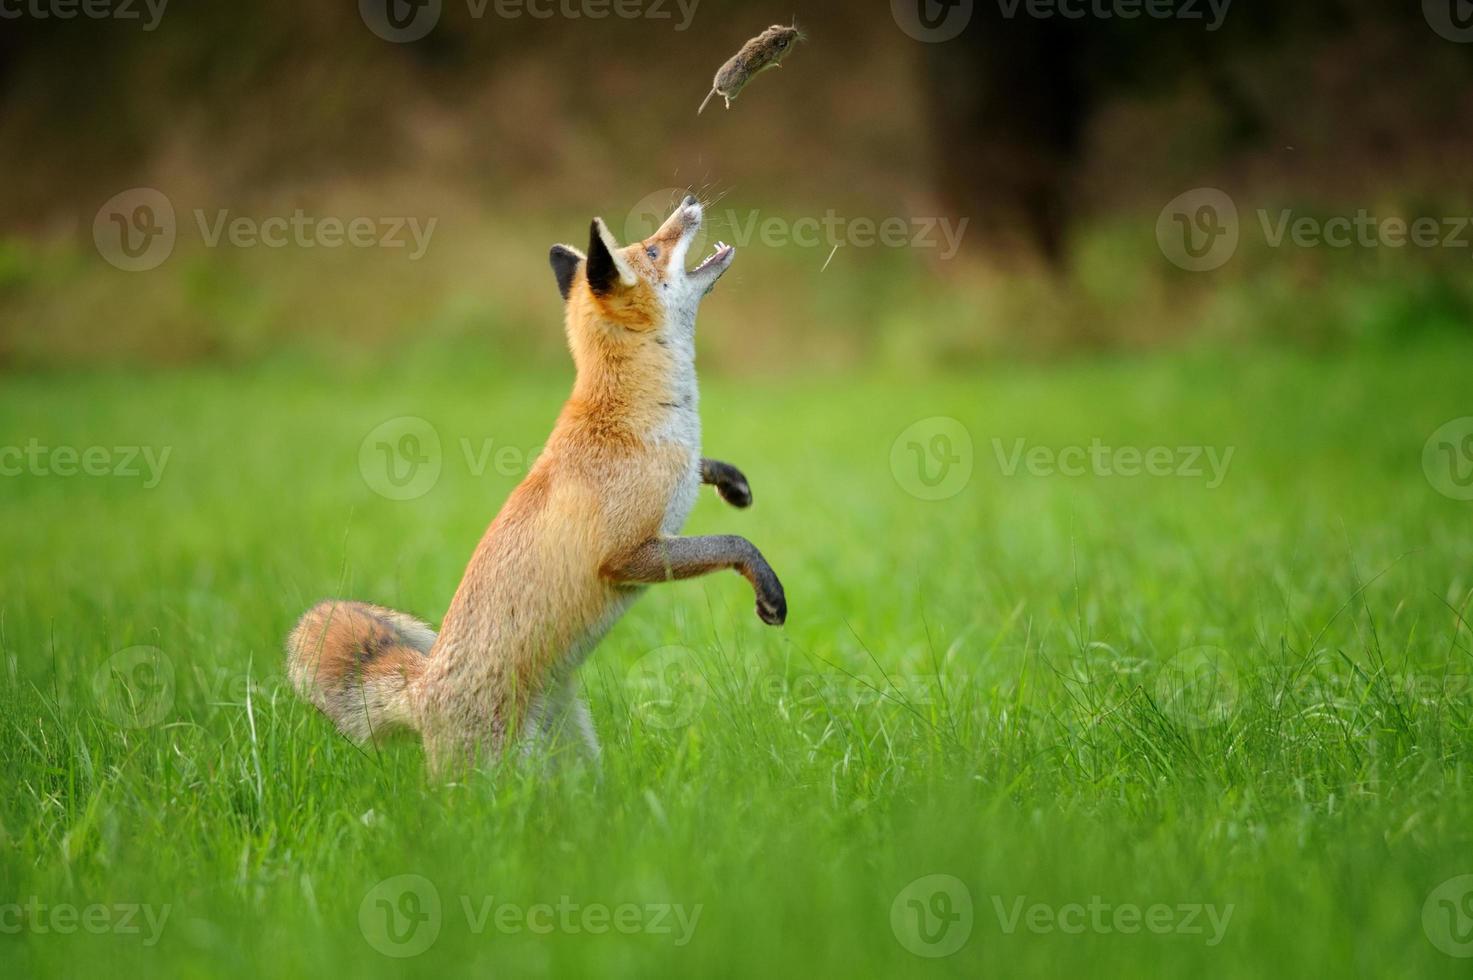 zorro rojo arrojando ratón embrujado sobre hierba verde foto